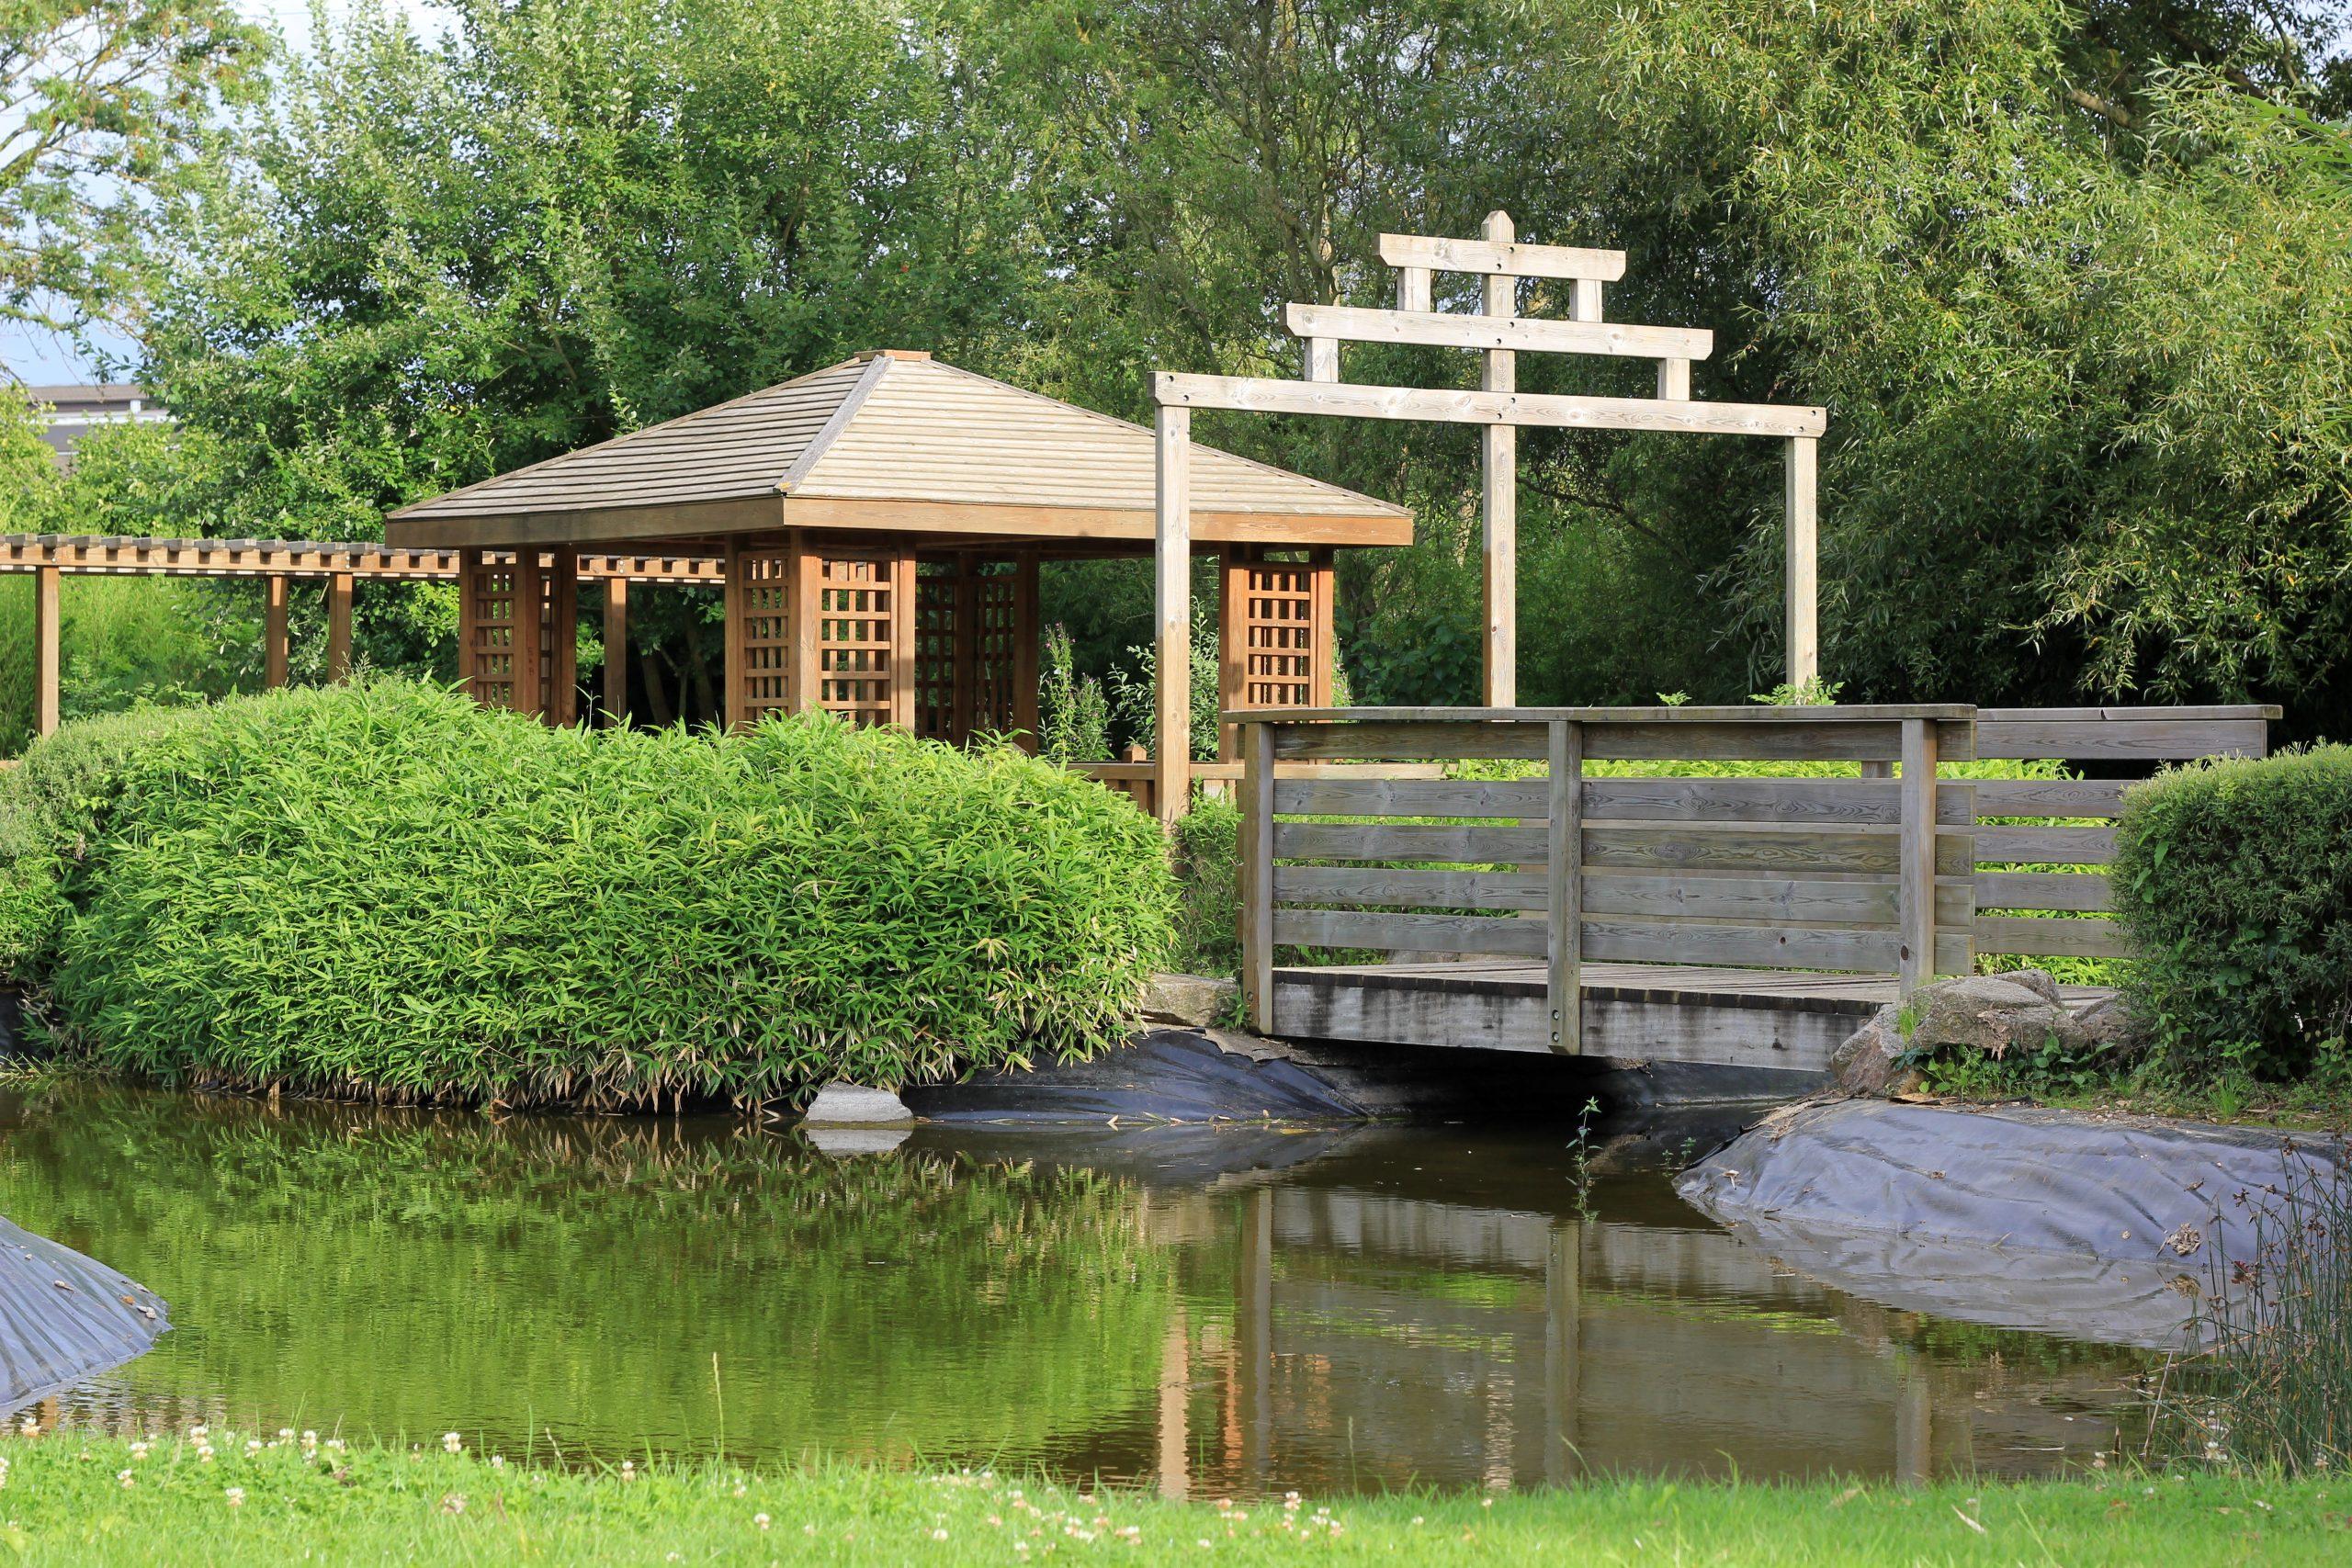 File:pavillon Du Jardin Japonais De Ludres.jpg - Wikimedia ... pour Modele De Jardin Japonais